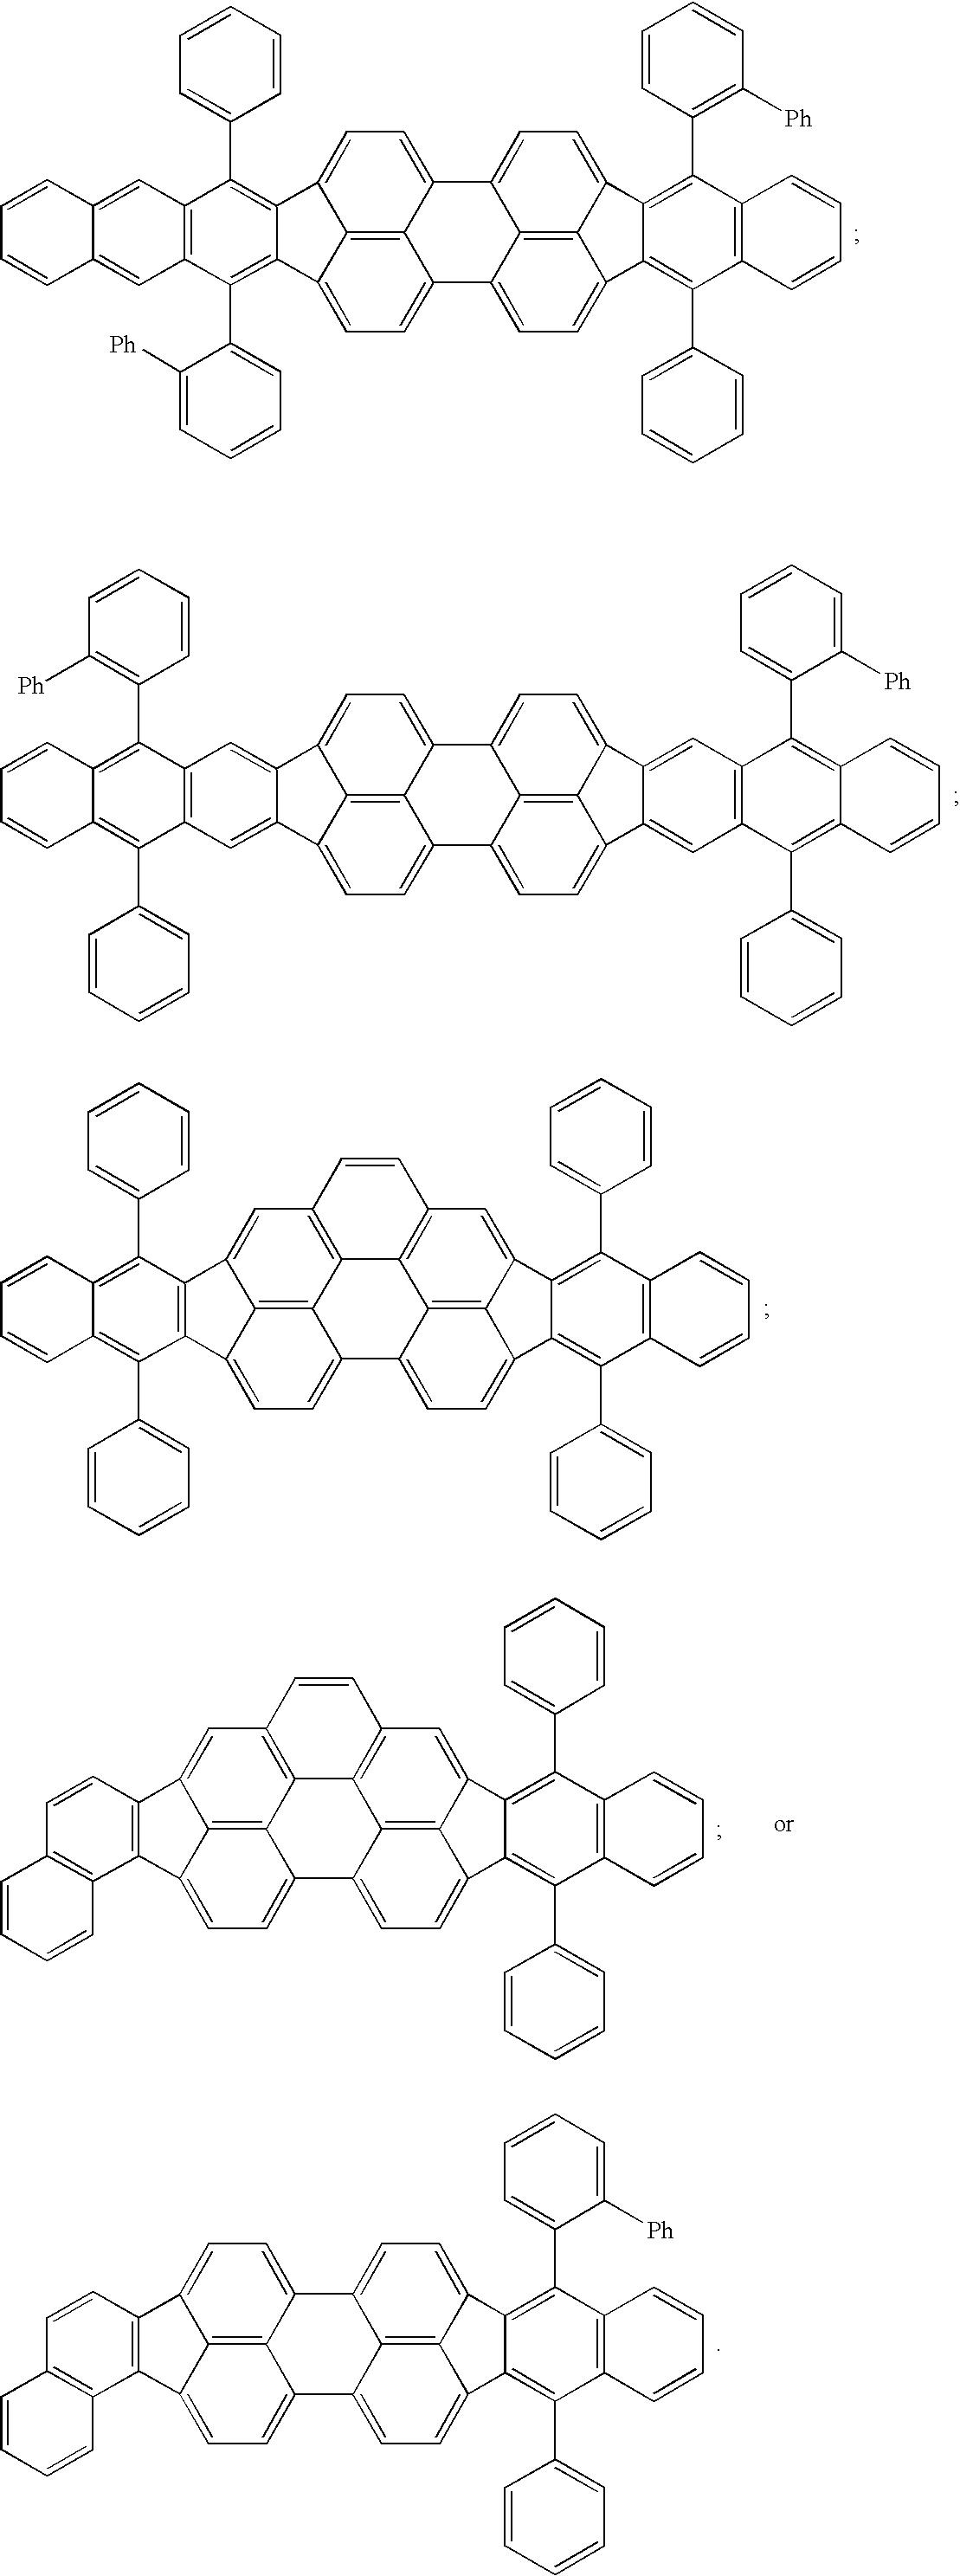 Figure US07247394-20070724-C00020